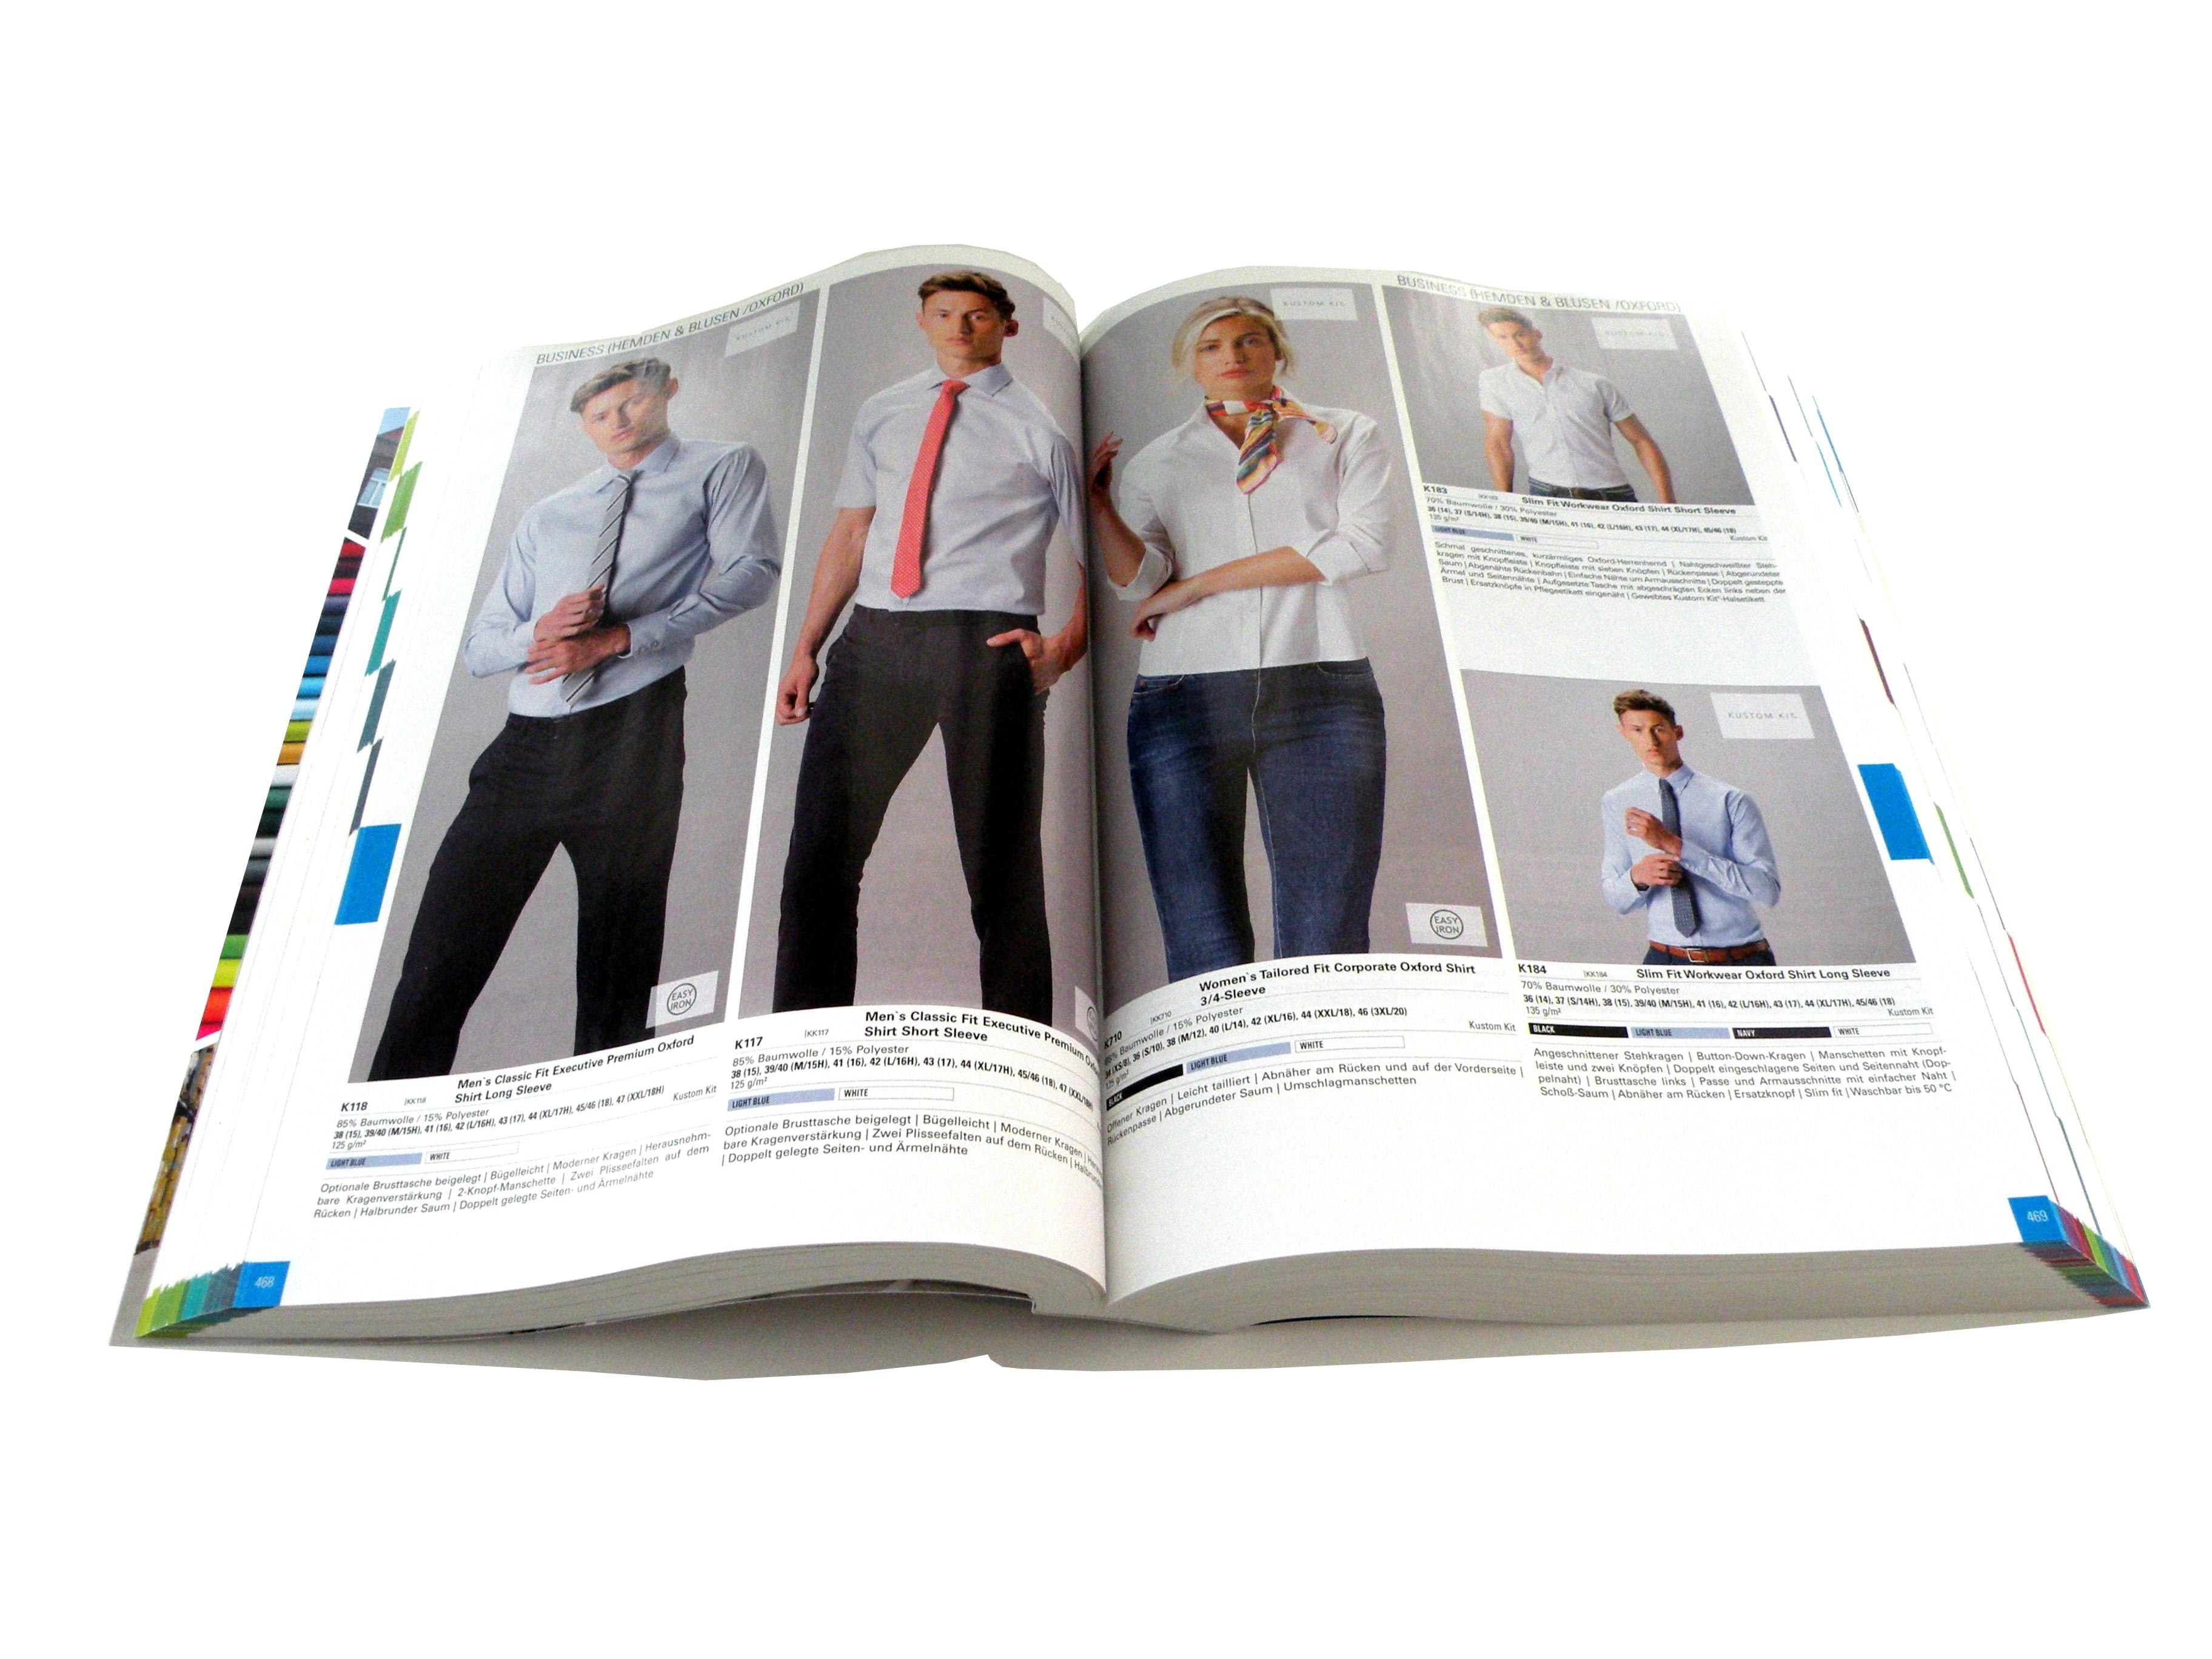 Krawatten KatalogJPG